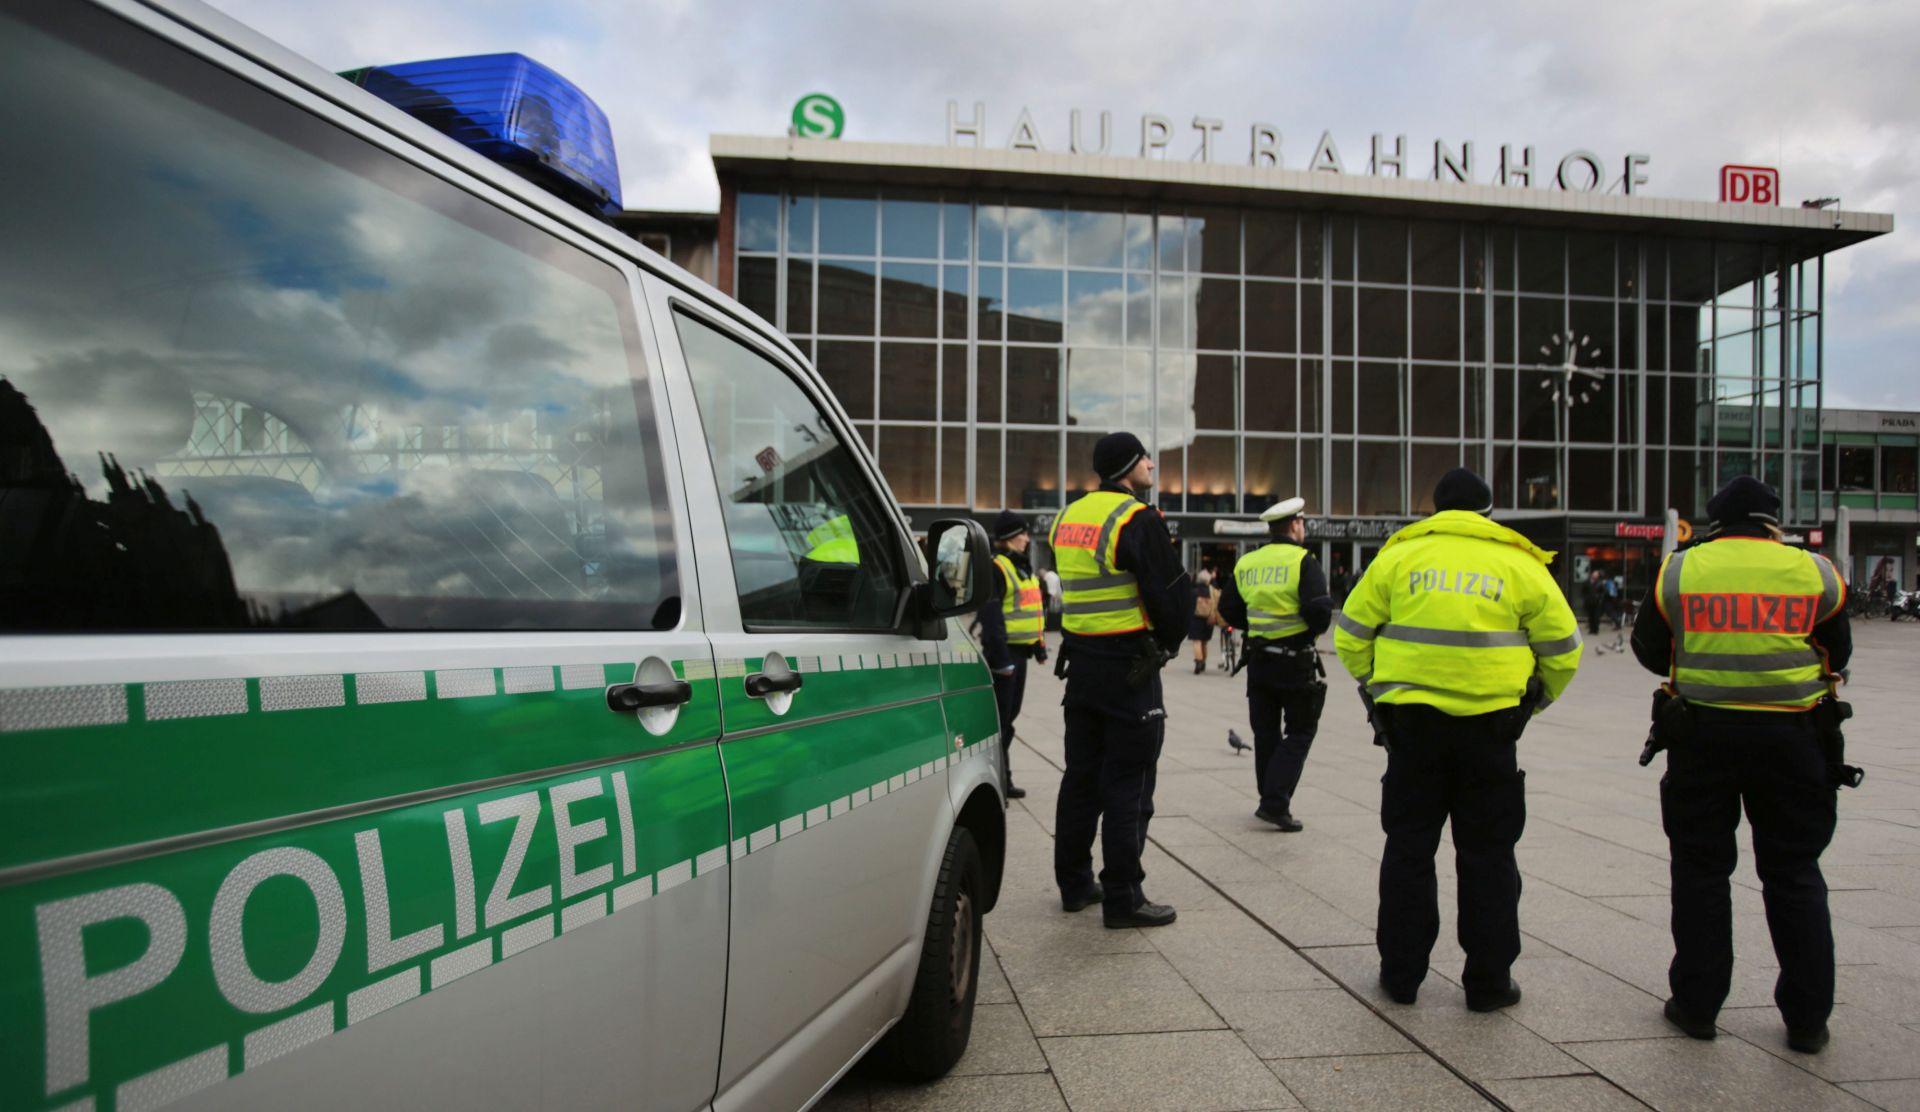 NAKON NAPADA U KOELNU: Njemačka ubrzava postupak deportacije